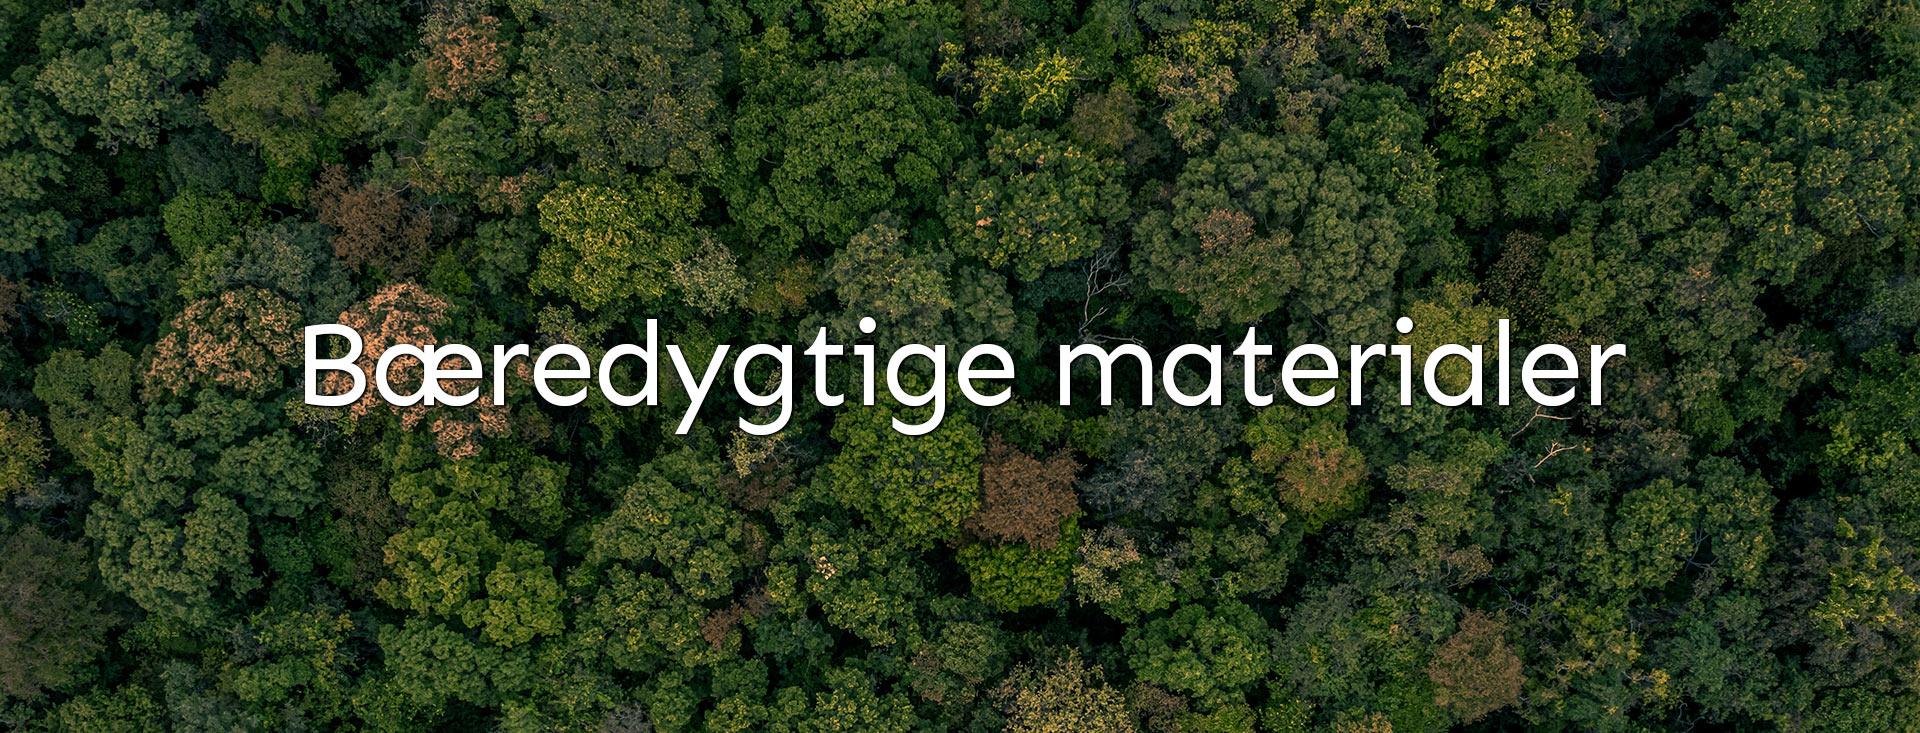 Bæredygtige materialer